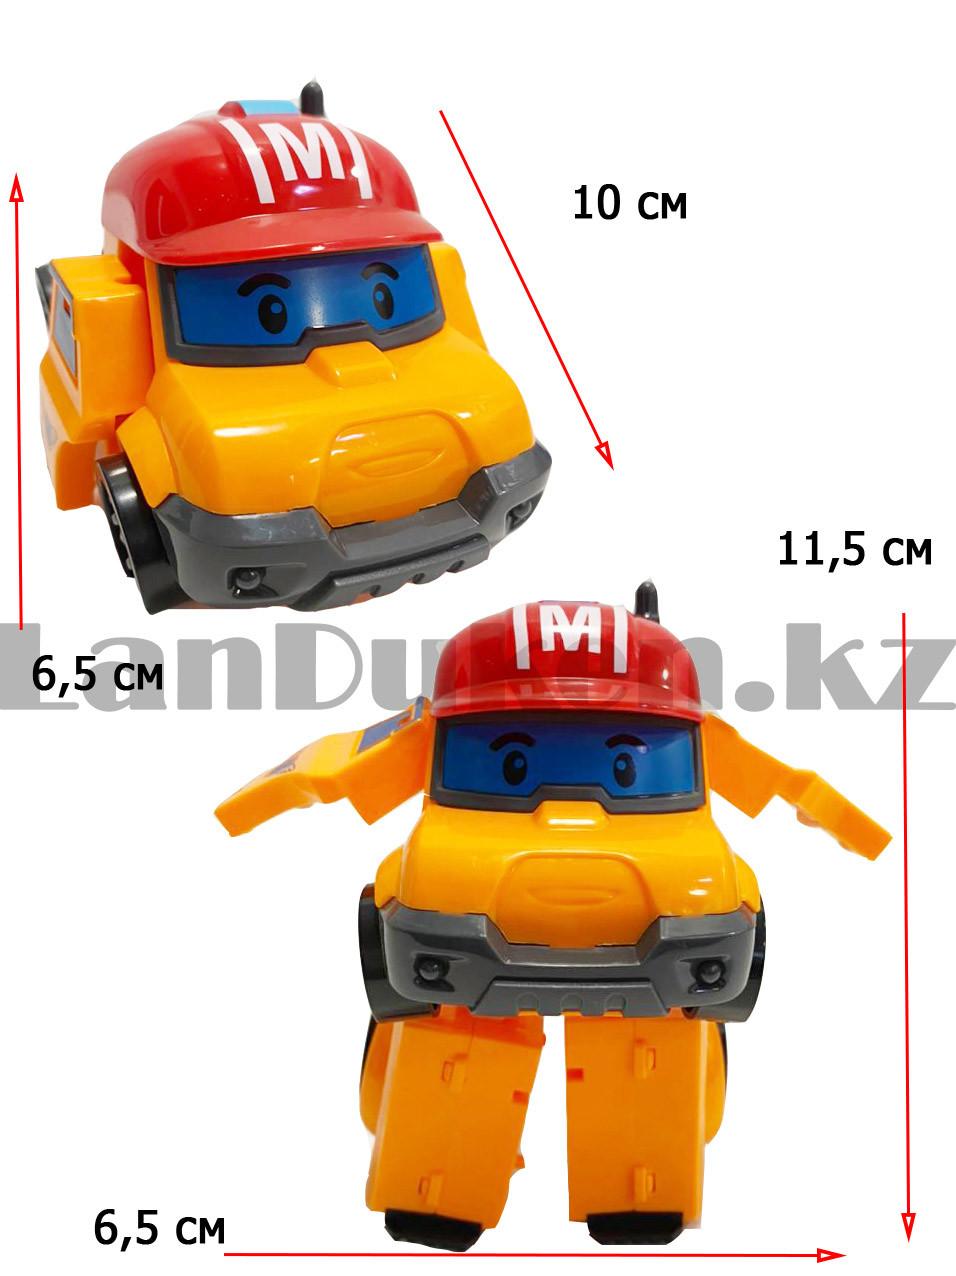 Трансформер игрушечный из серии Робокар Поли и его друзья для детей Марк 11,5 см - фото 3